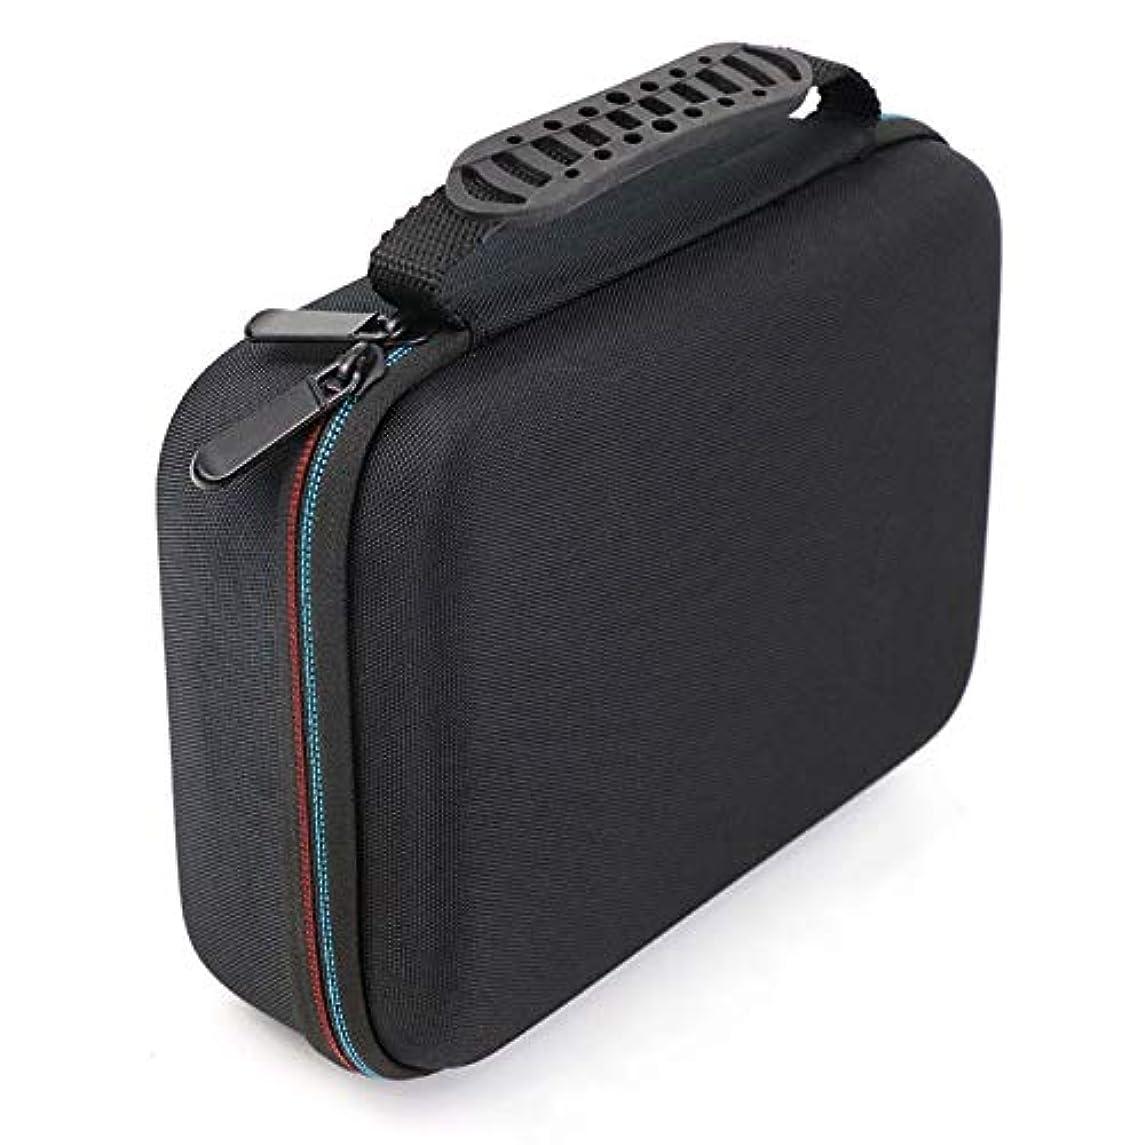 少なくとも狼ぬるいCUHAWUDBA バリカンの収納ケース、携帯用ケース、耐衝撃バッグ、シェーバーのキット、Evaハードケース、収納バッグ、 Mgk3020/3060/3080用